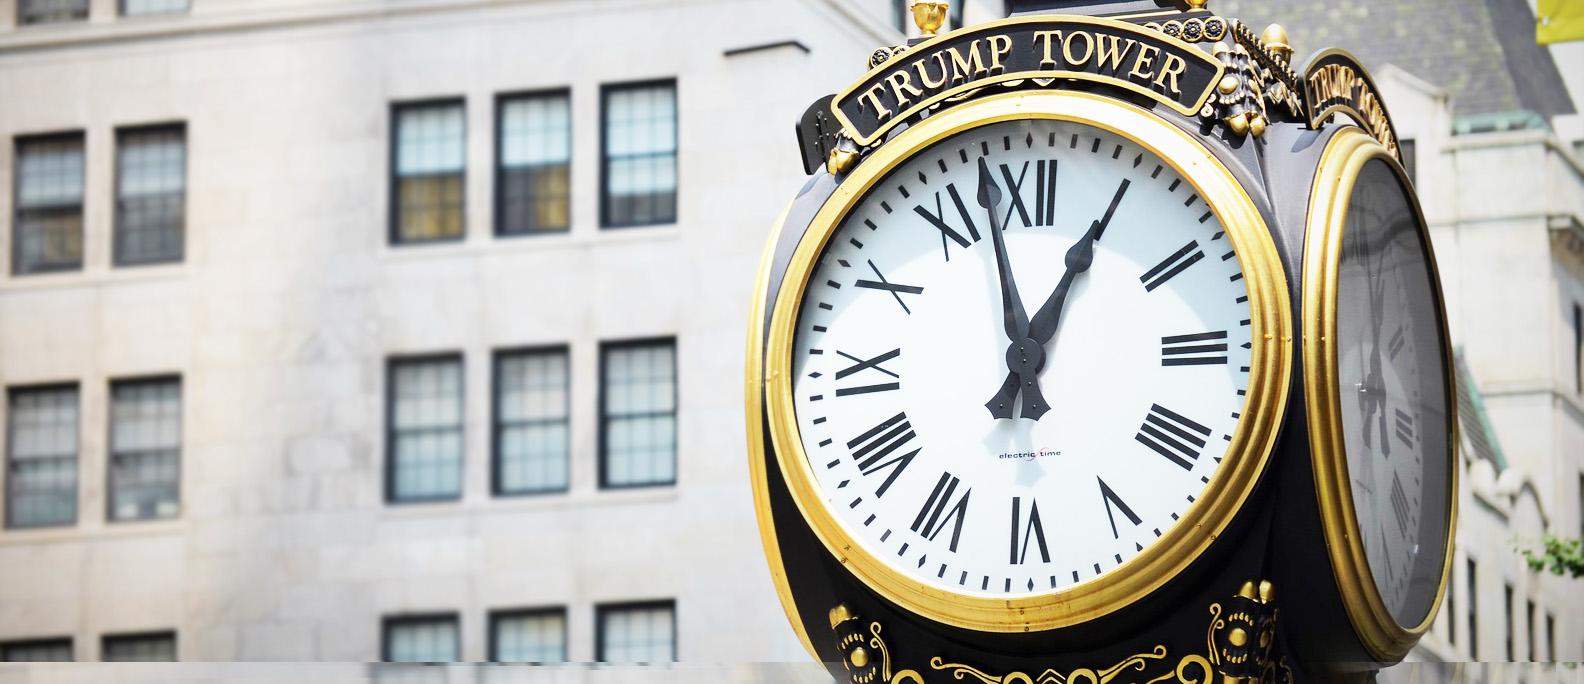 Antique clock at Trump Tower